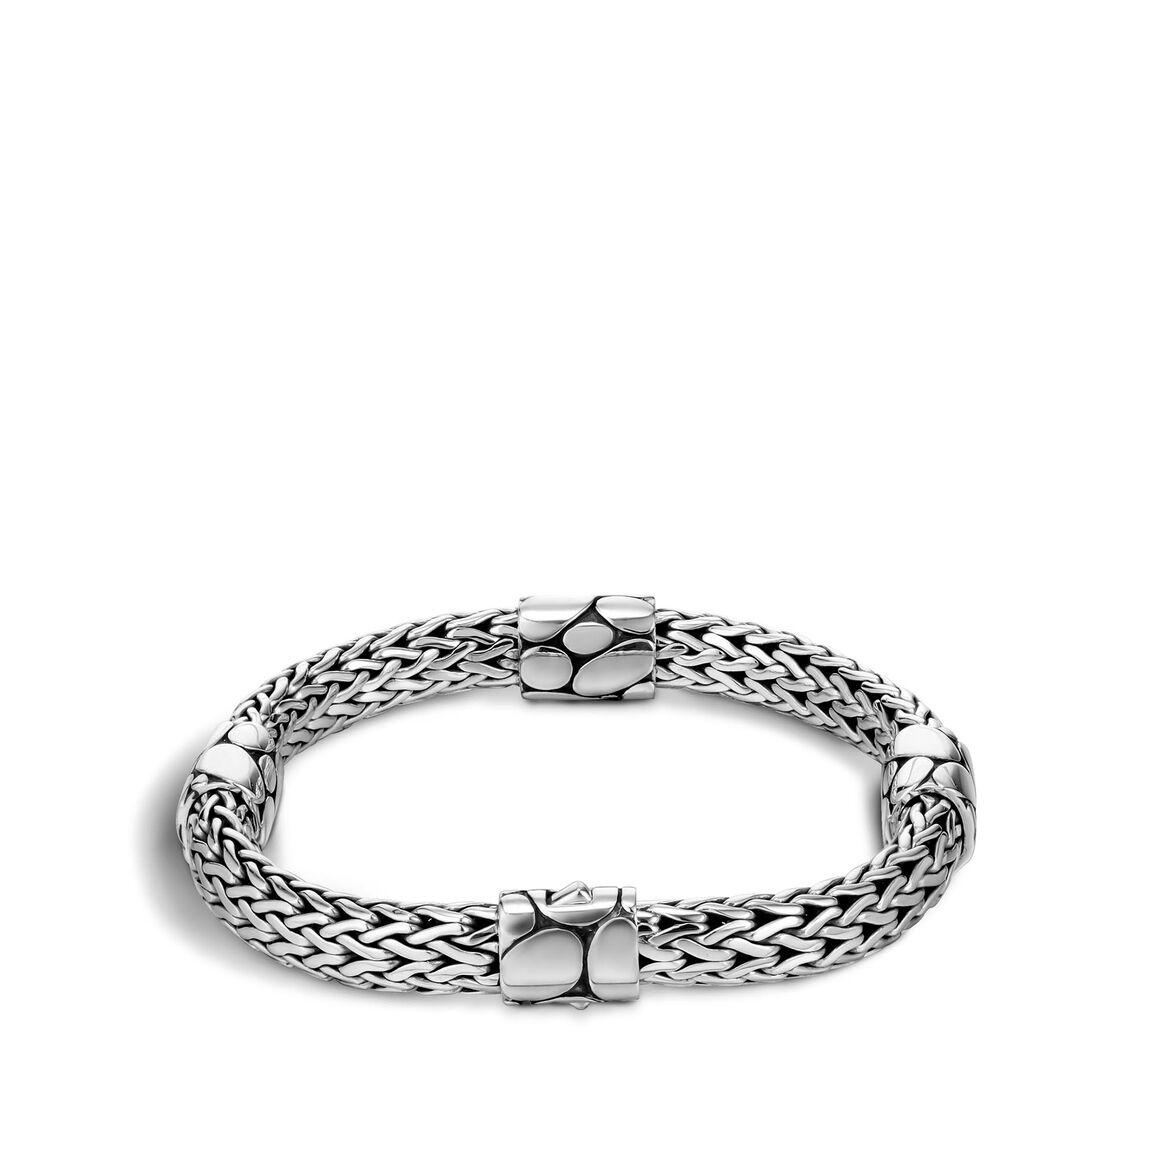 Kali 7.5MM Bracelet in Silver